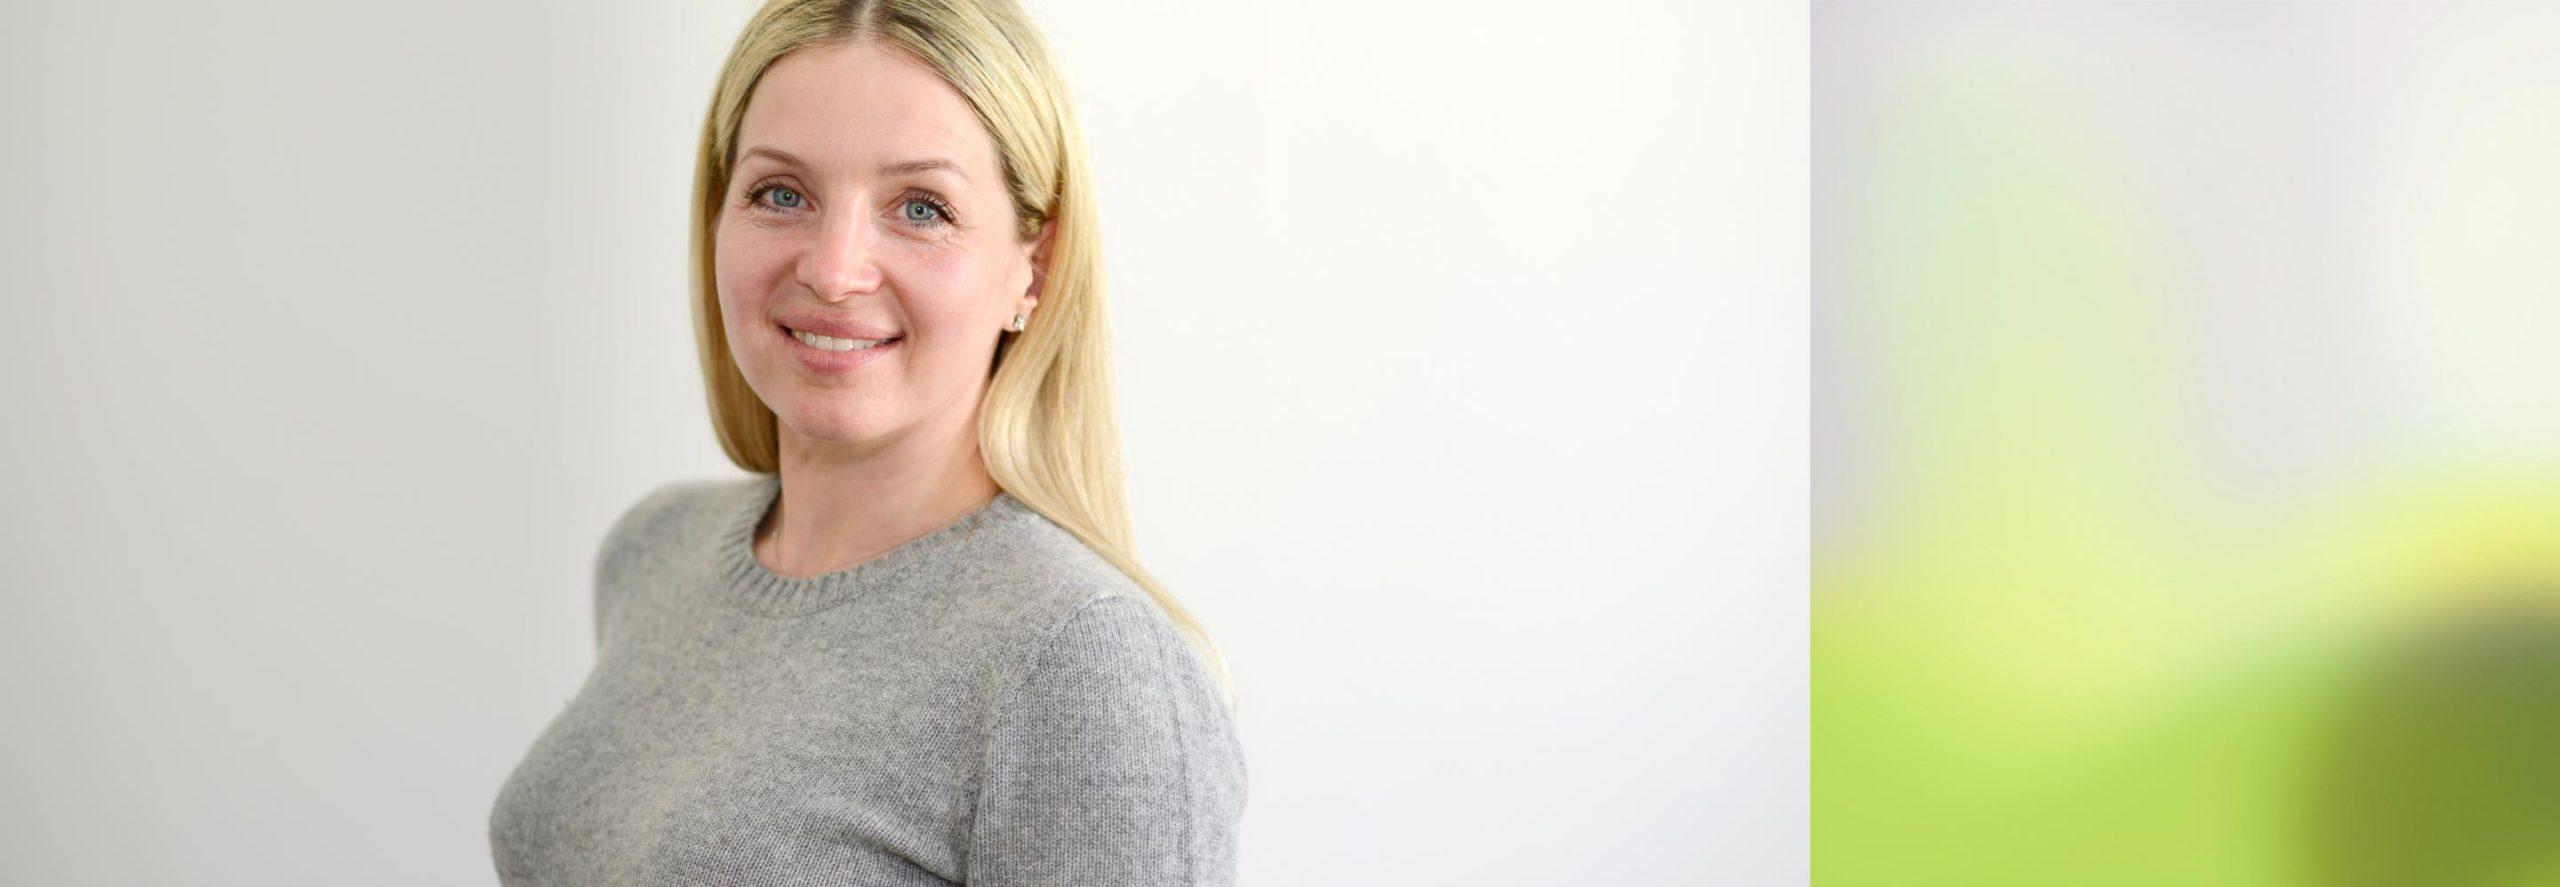 Osteopathie München | Physiotherapie Frauenarzt München